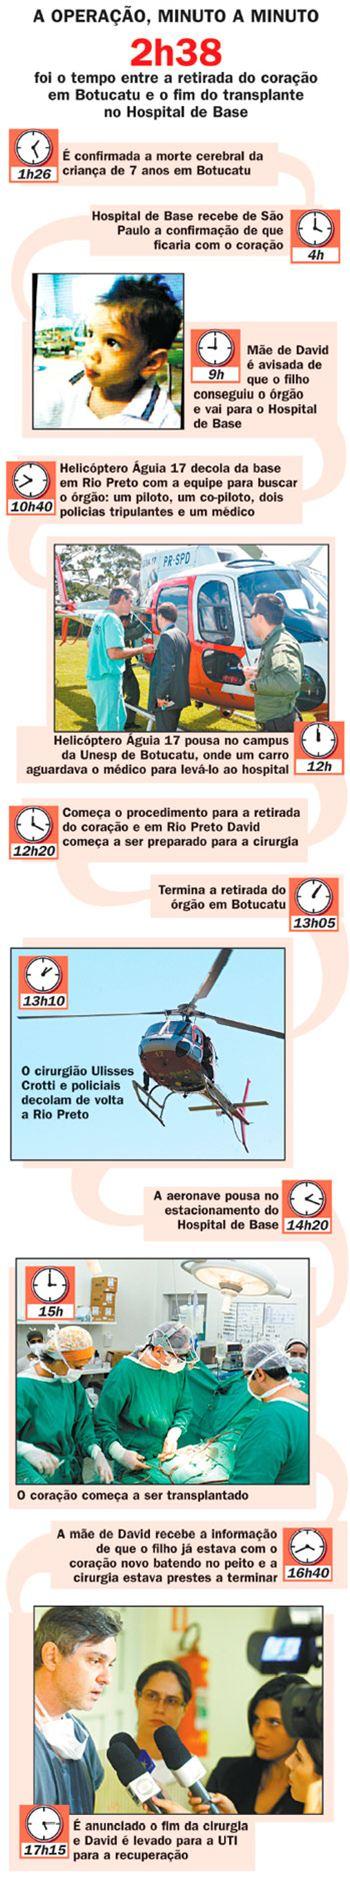 Infográfico da operação - Diário Web